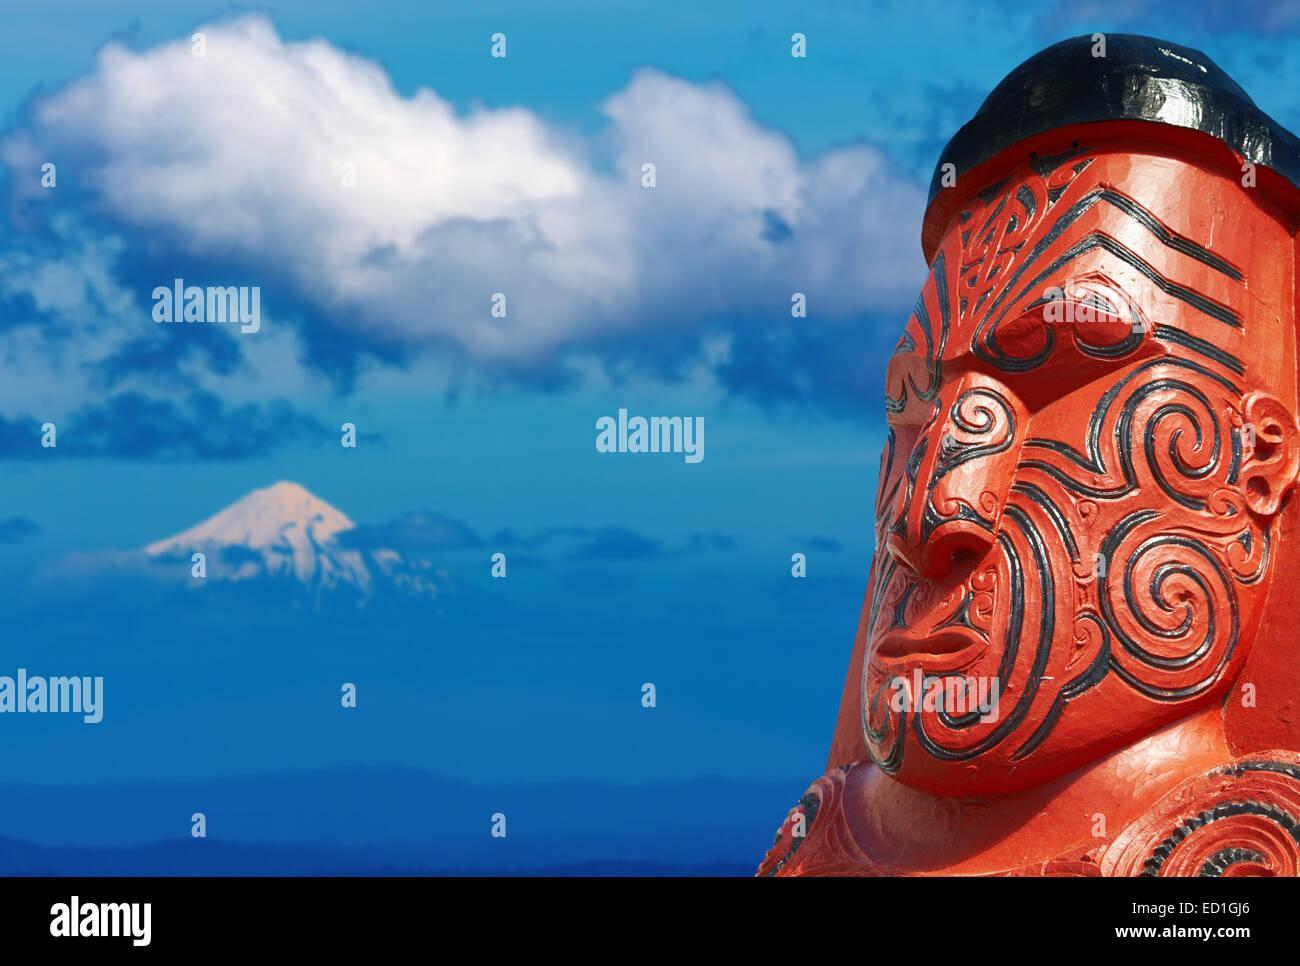 Tradizionale maori e carving Monte taranaki, Nuova Zelanda Immagini Stock